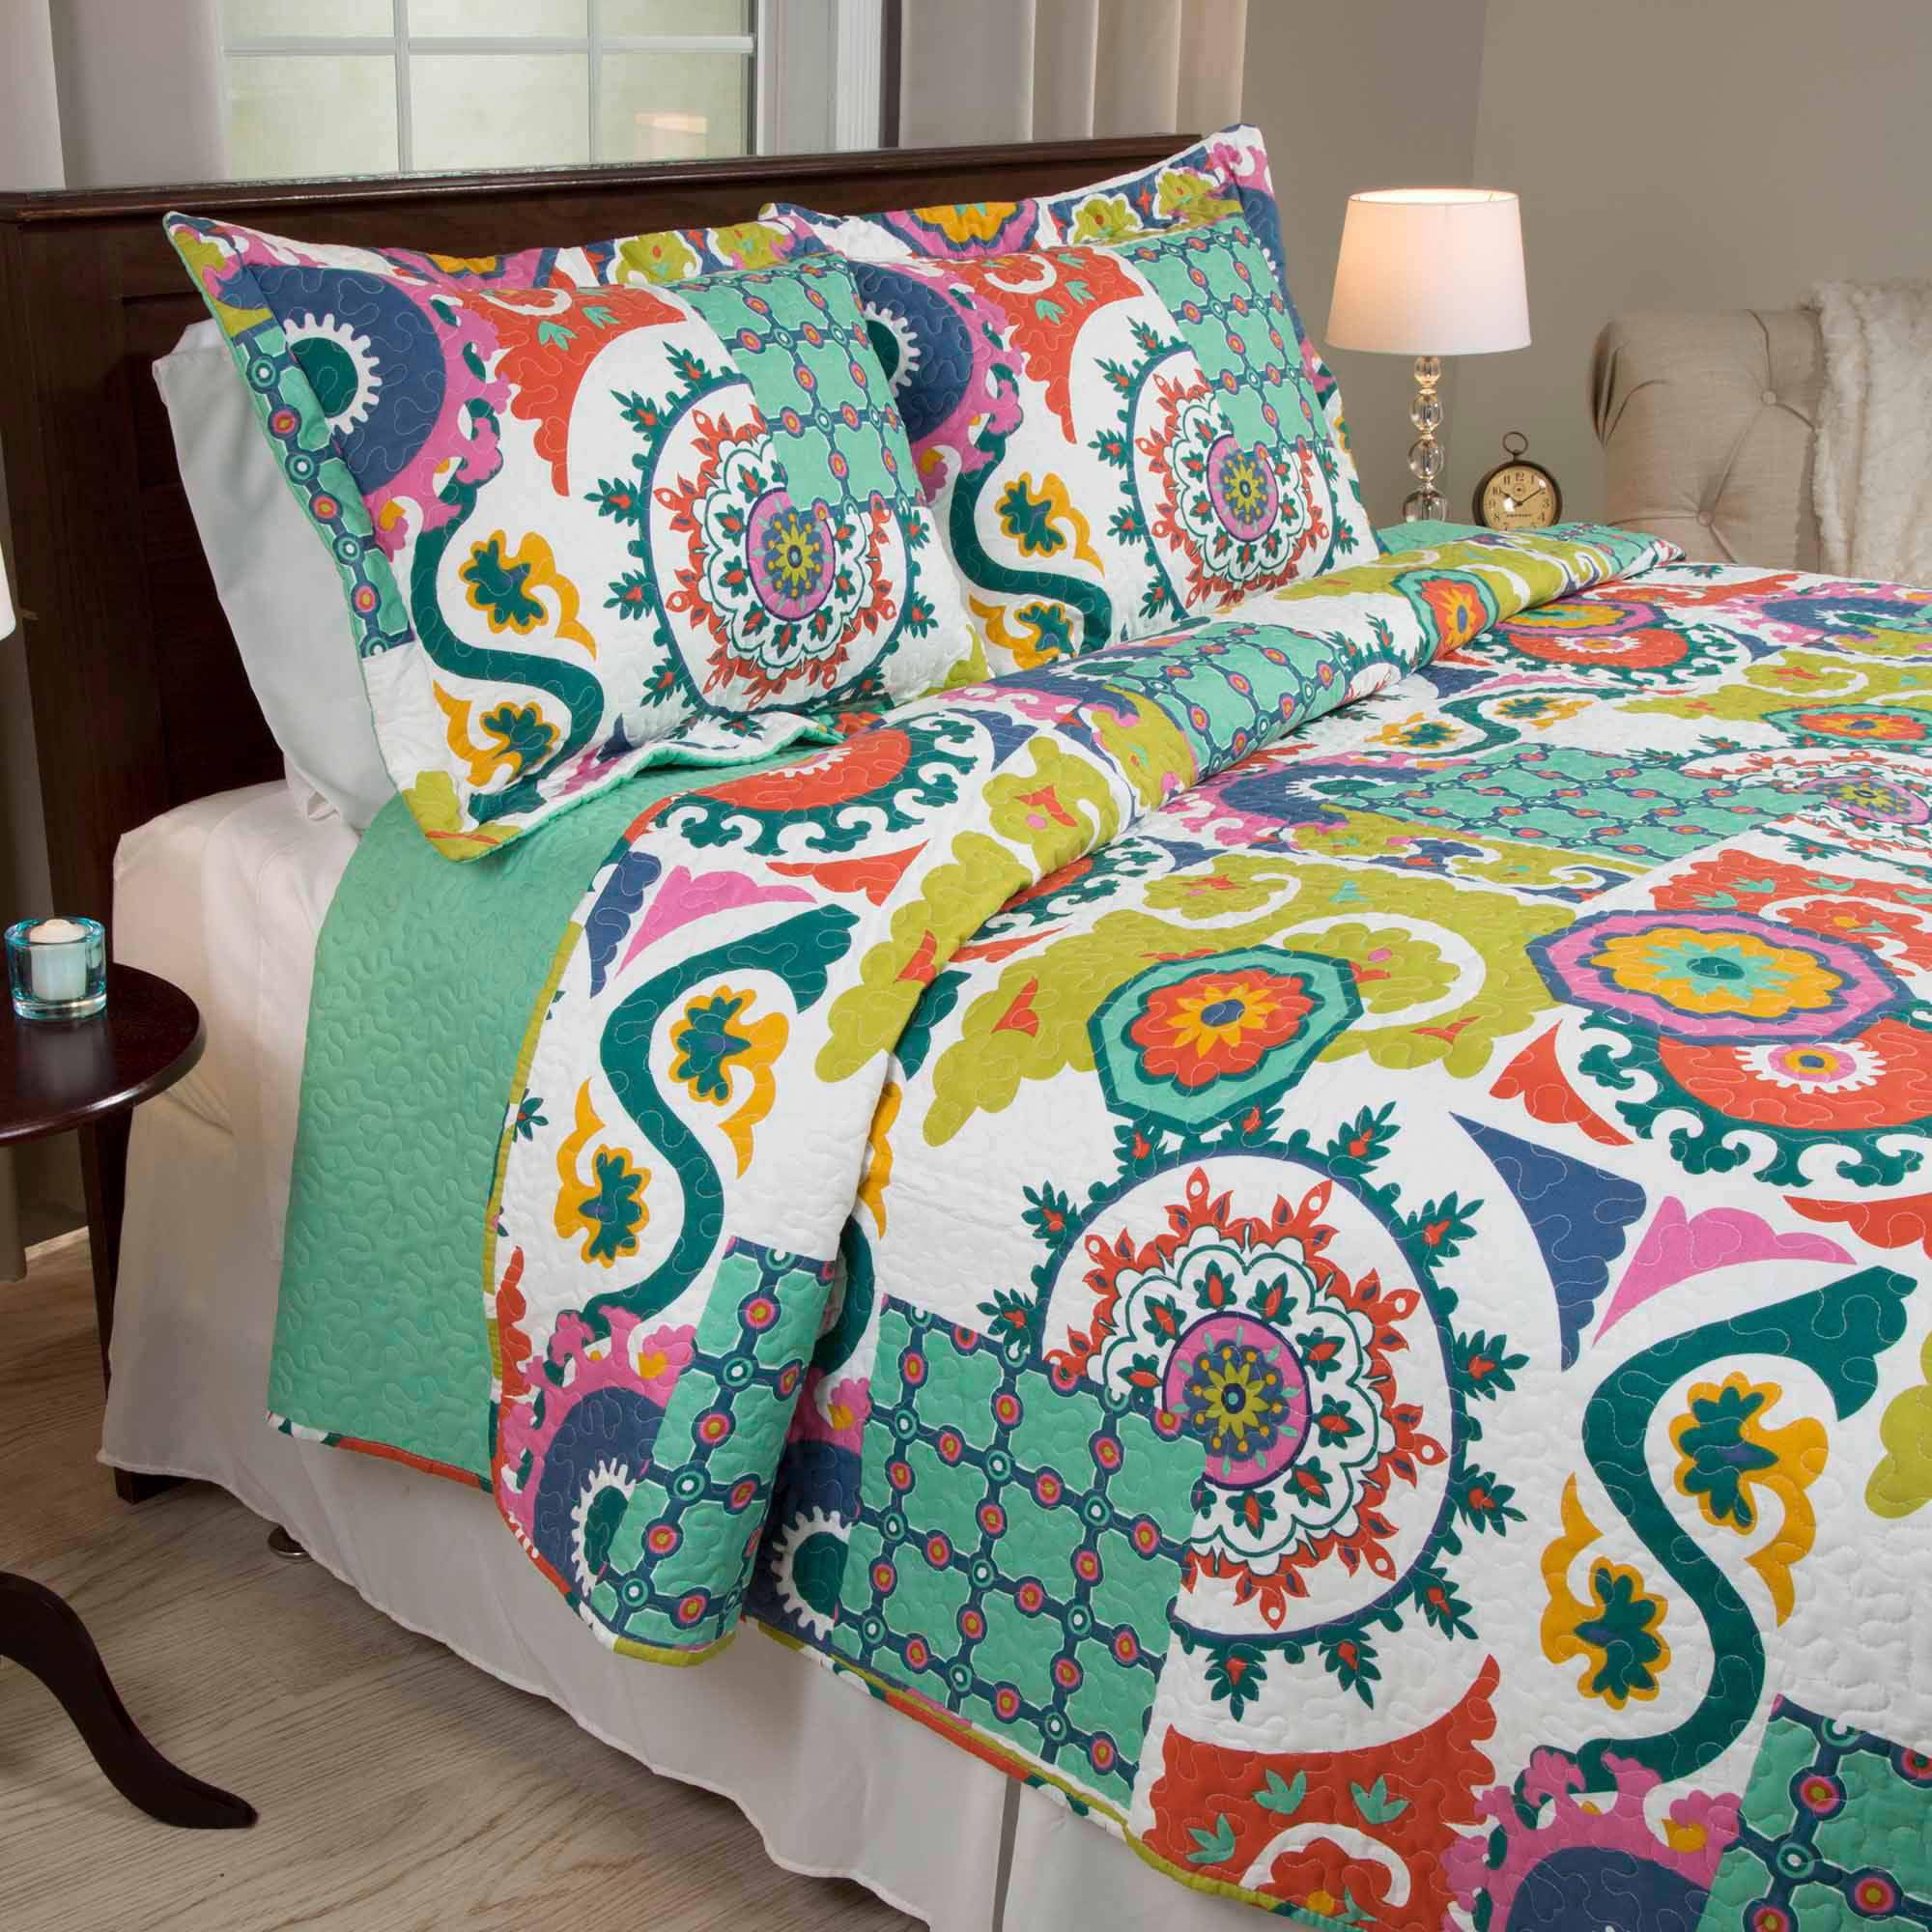 Somerset Home Sybil Quilt Set